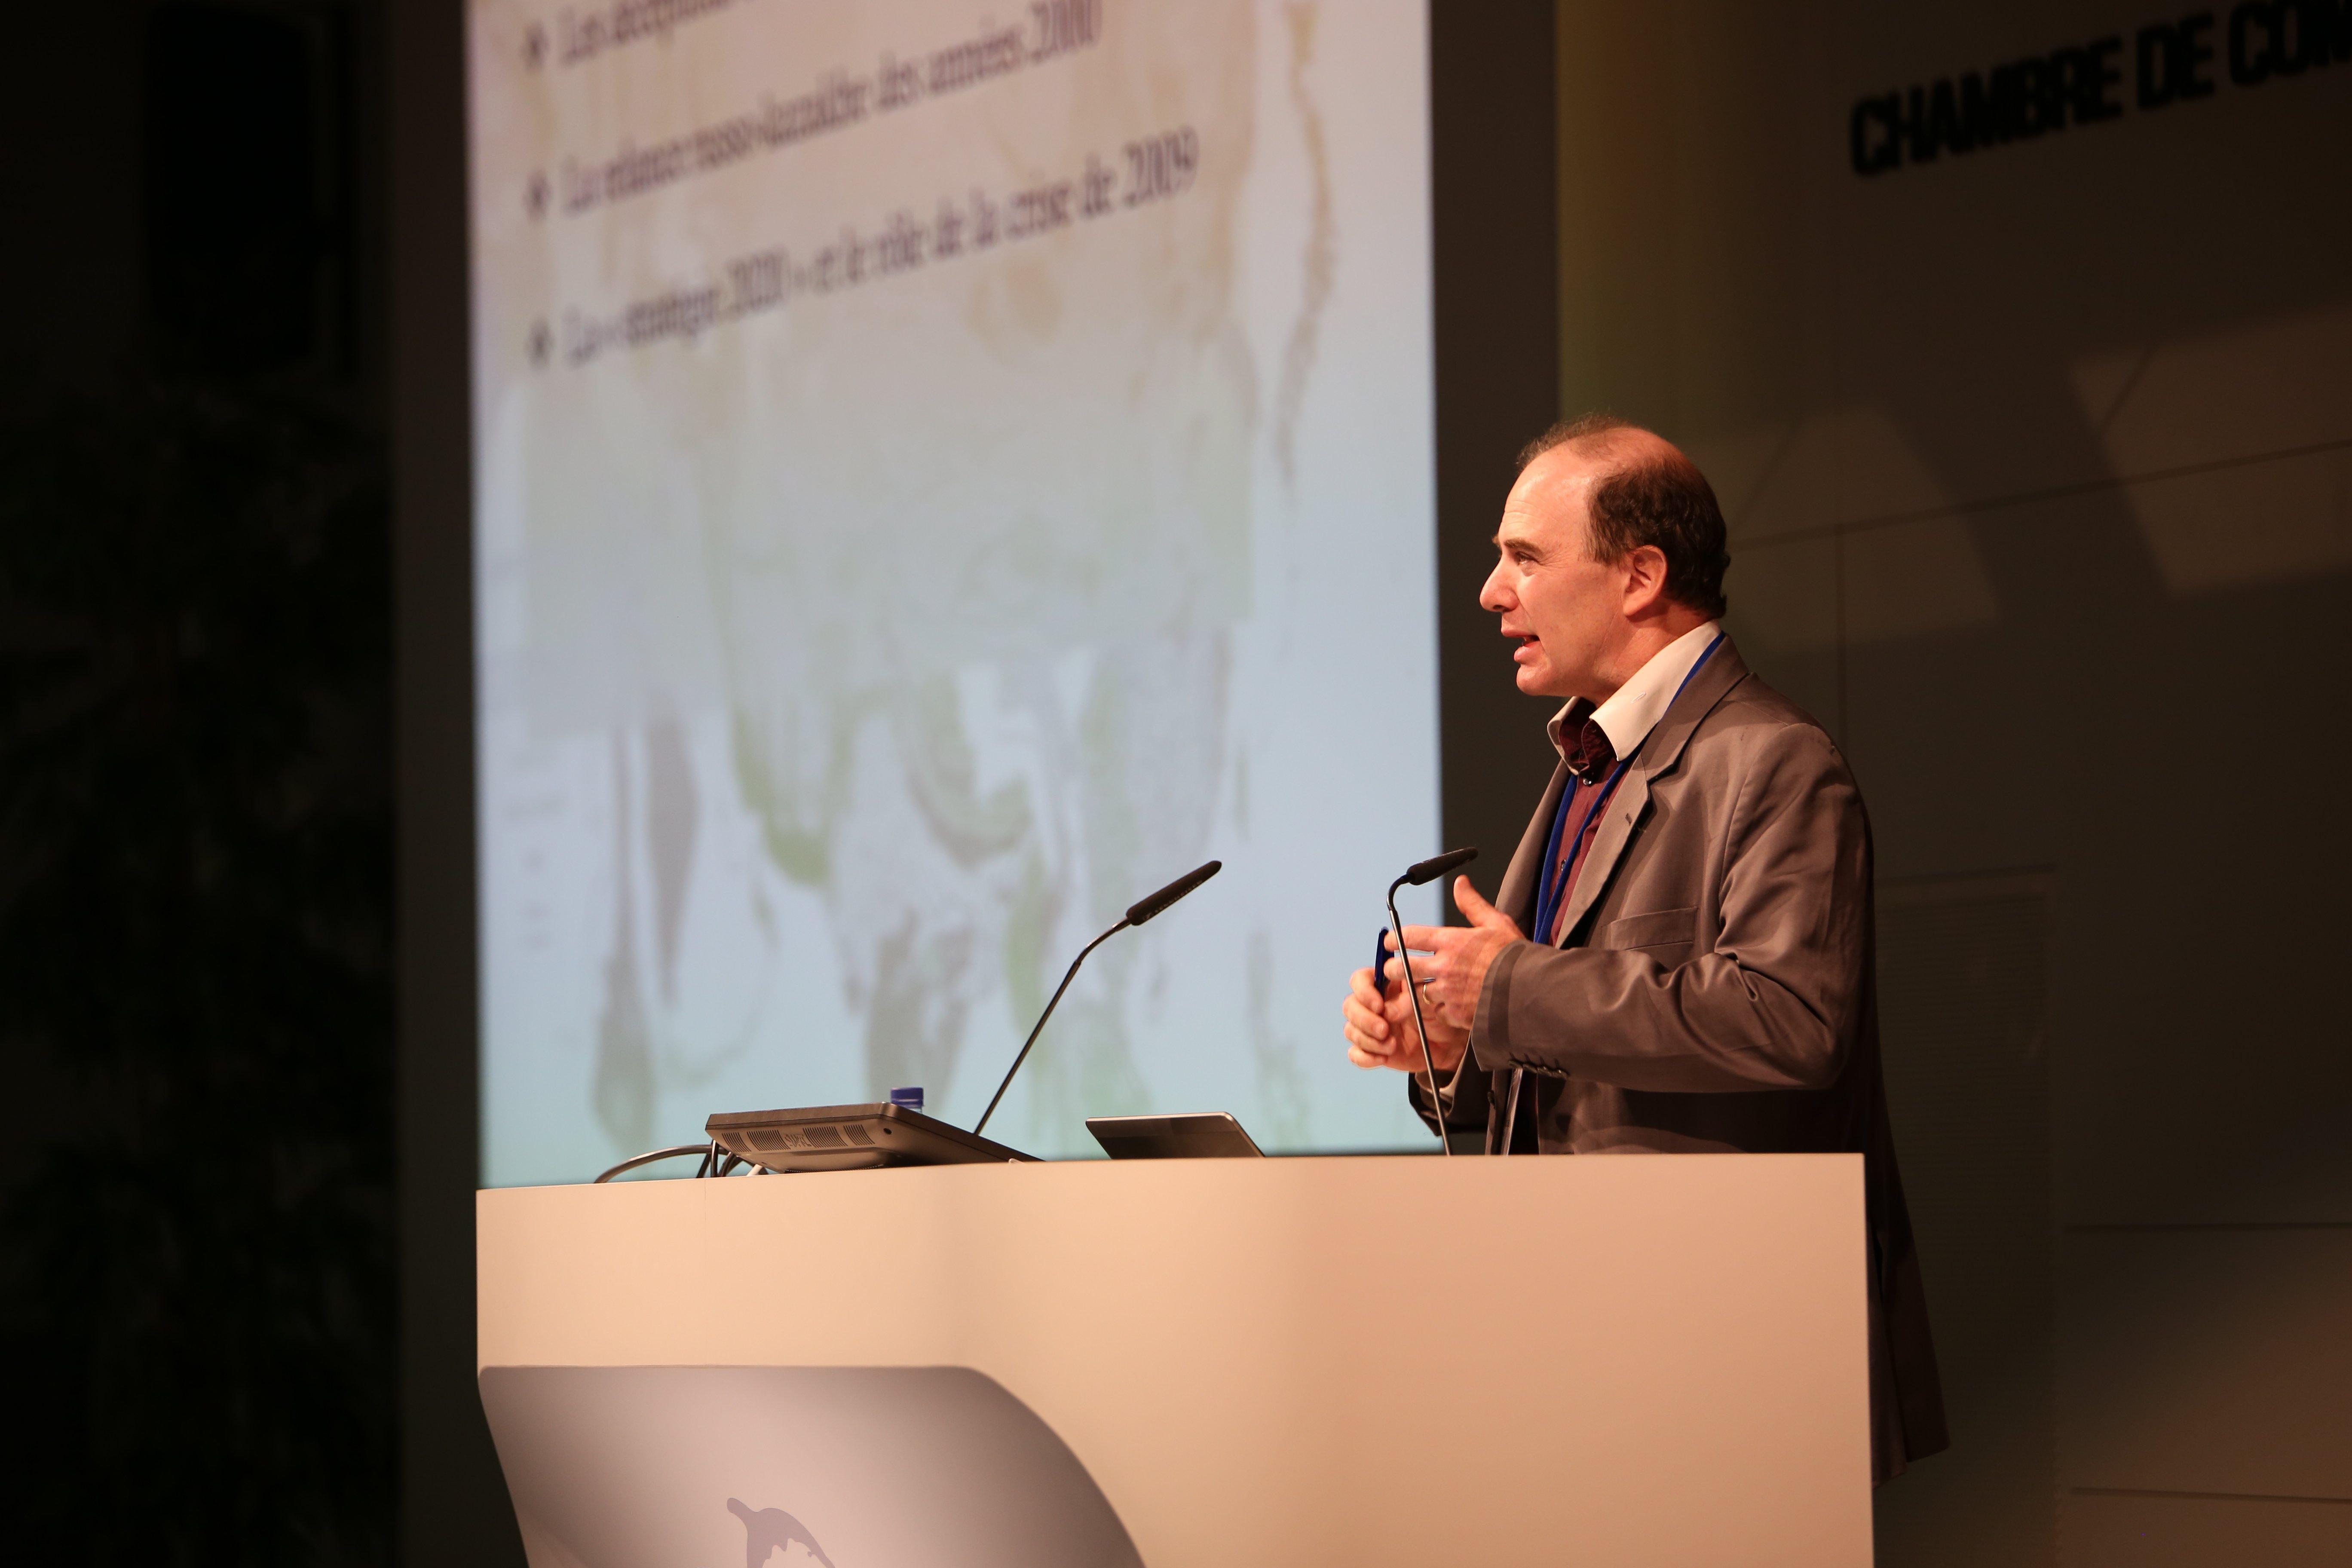 Julien Vercueil lors d'une conférence sur « L'Eurasie vue de Russie : les enjeux de l'intégration économique régionale » au Festival géopolitique de Grenoble le 3 avril 2014. Crédit : Festival géopolitique de Grenoble